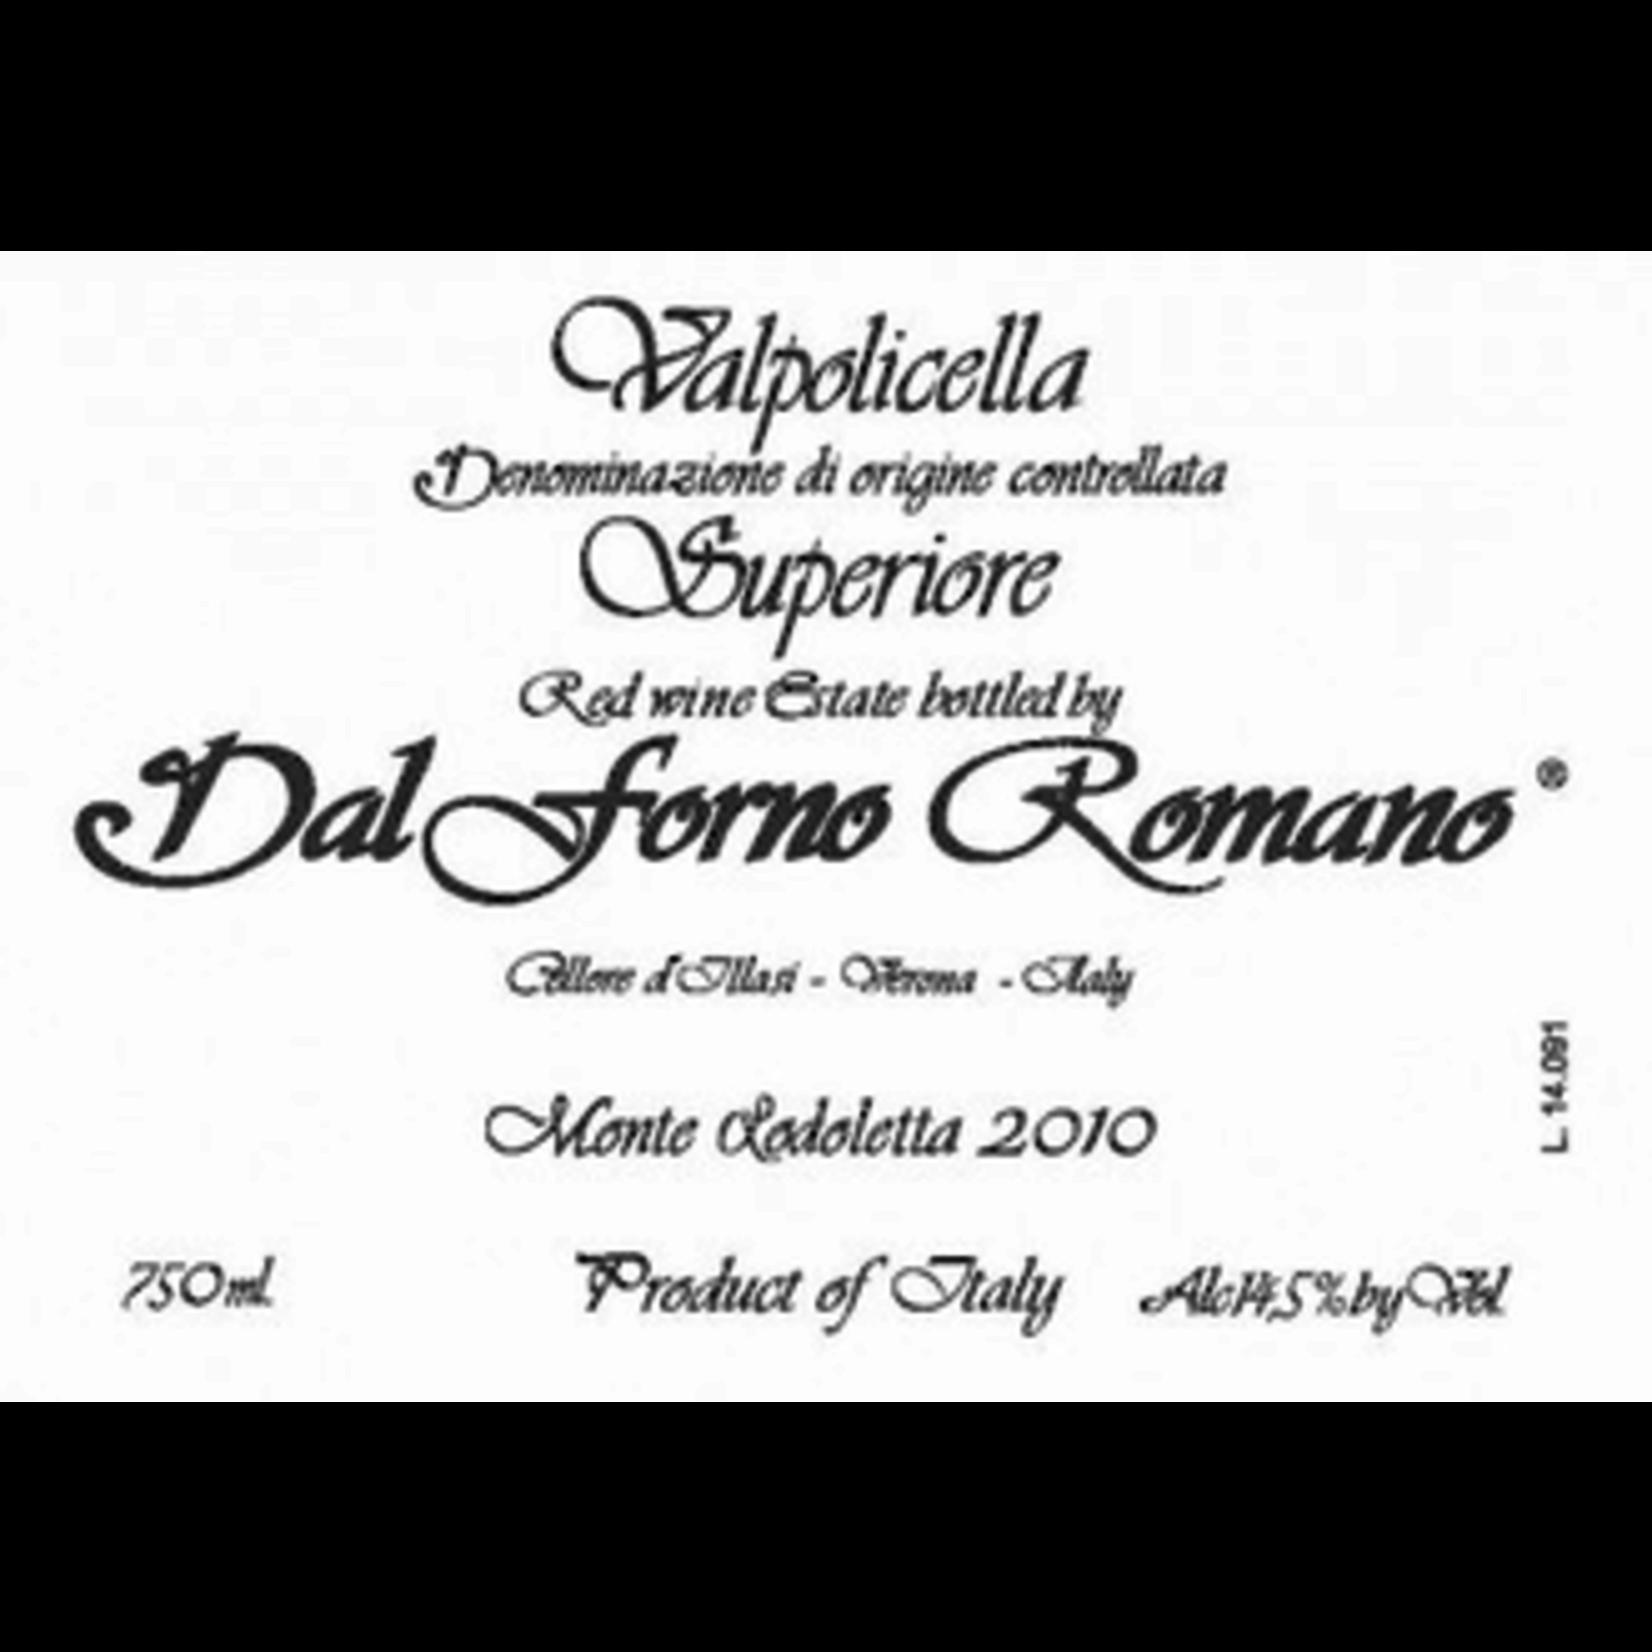 Wine Dal Forno Romano Valpolicella Superiore 2014